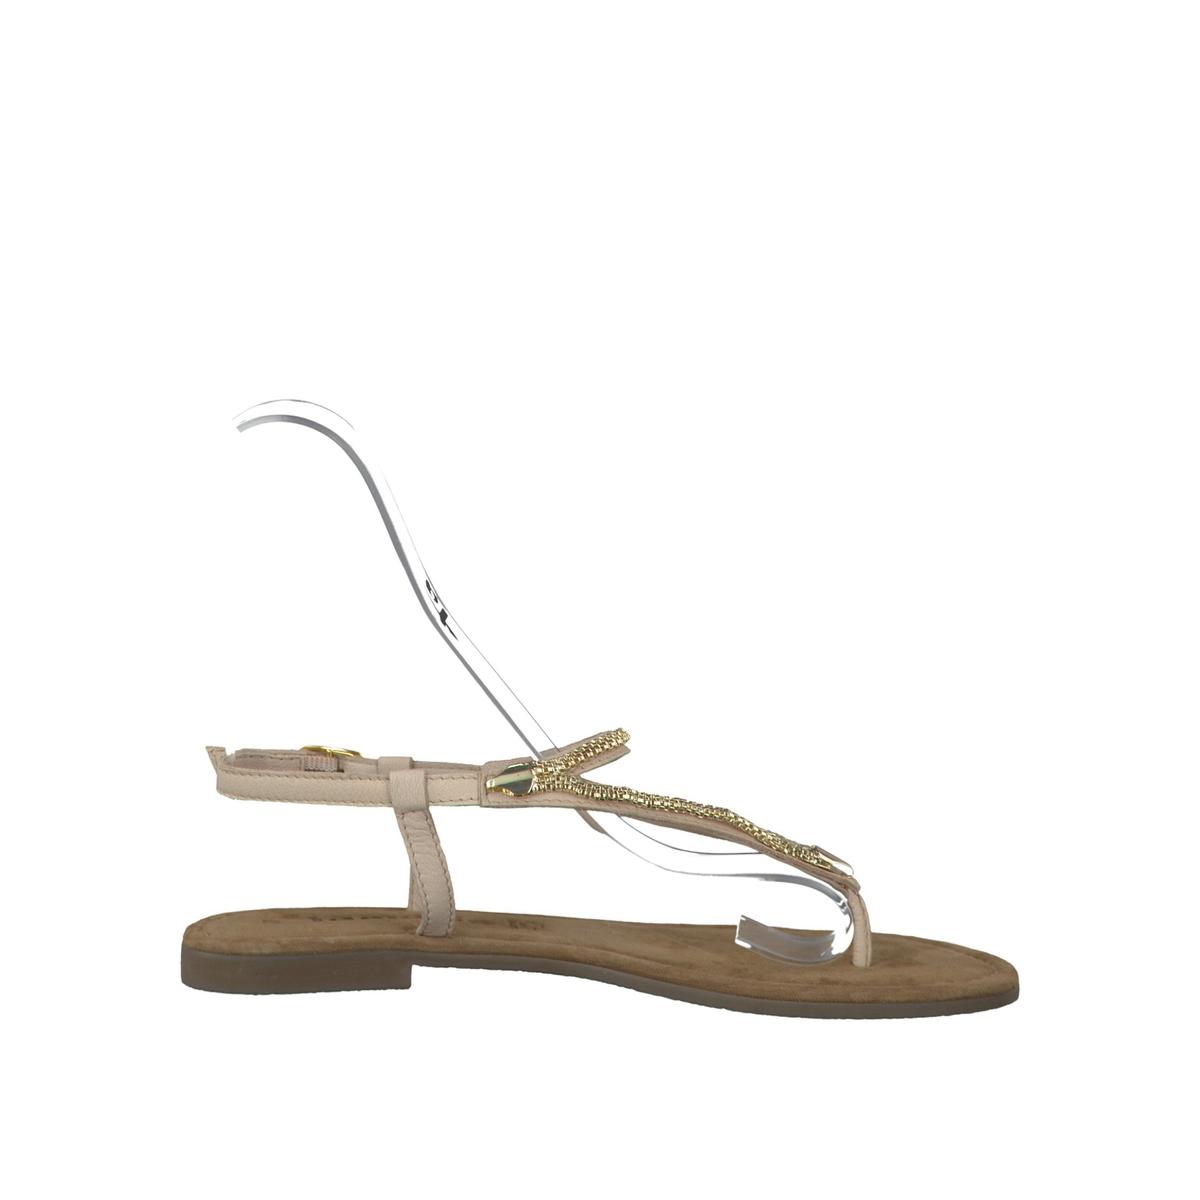 Босоножки кожаные 28111-28Верх/Голенище : кожа  Подкладка : кожа  Стелька : кожа  Подошва : синтетика  Высота каблука : 0,5 см  Форма каблука : плоский каблук  Мысок : закругленный мысок  Застежка : пряжка<br><br>Цвет: бежевый,черный